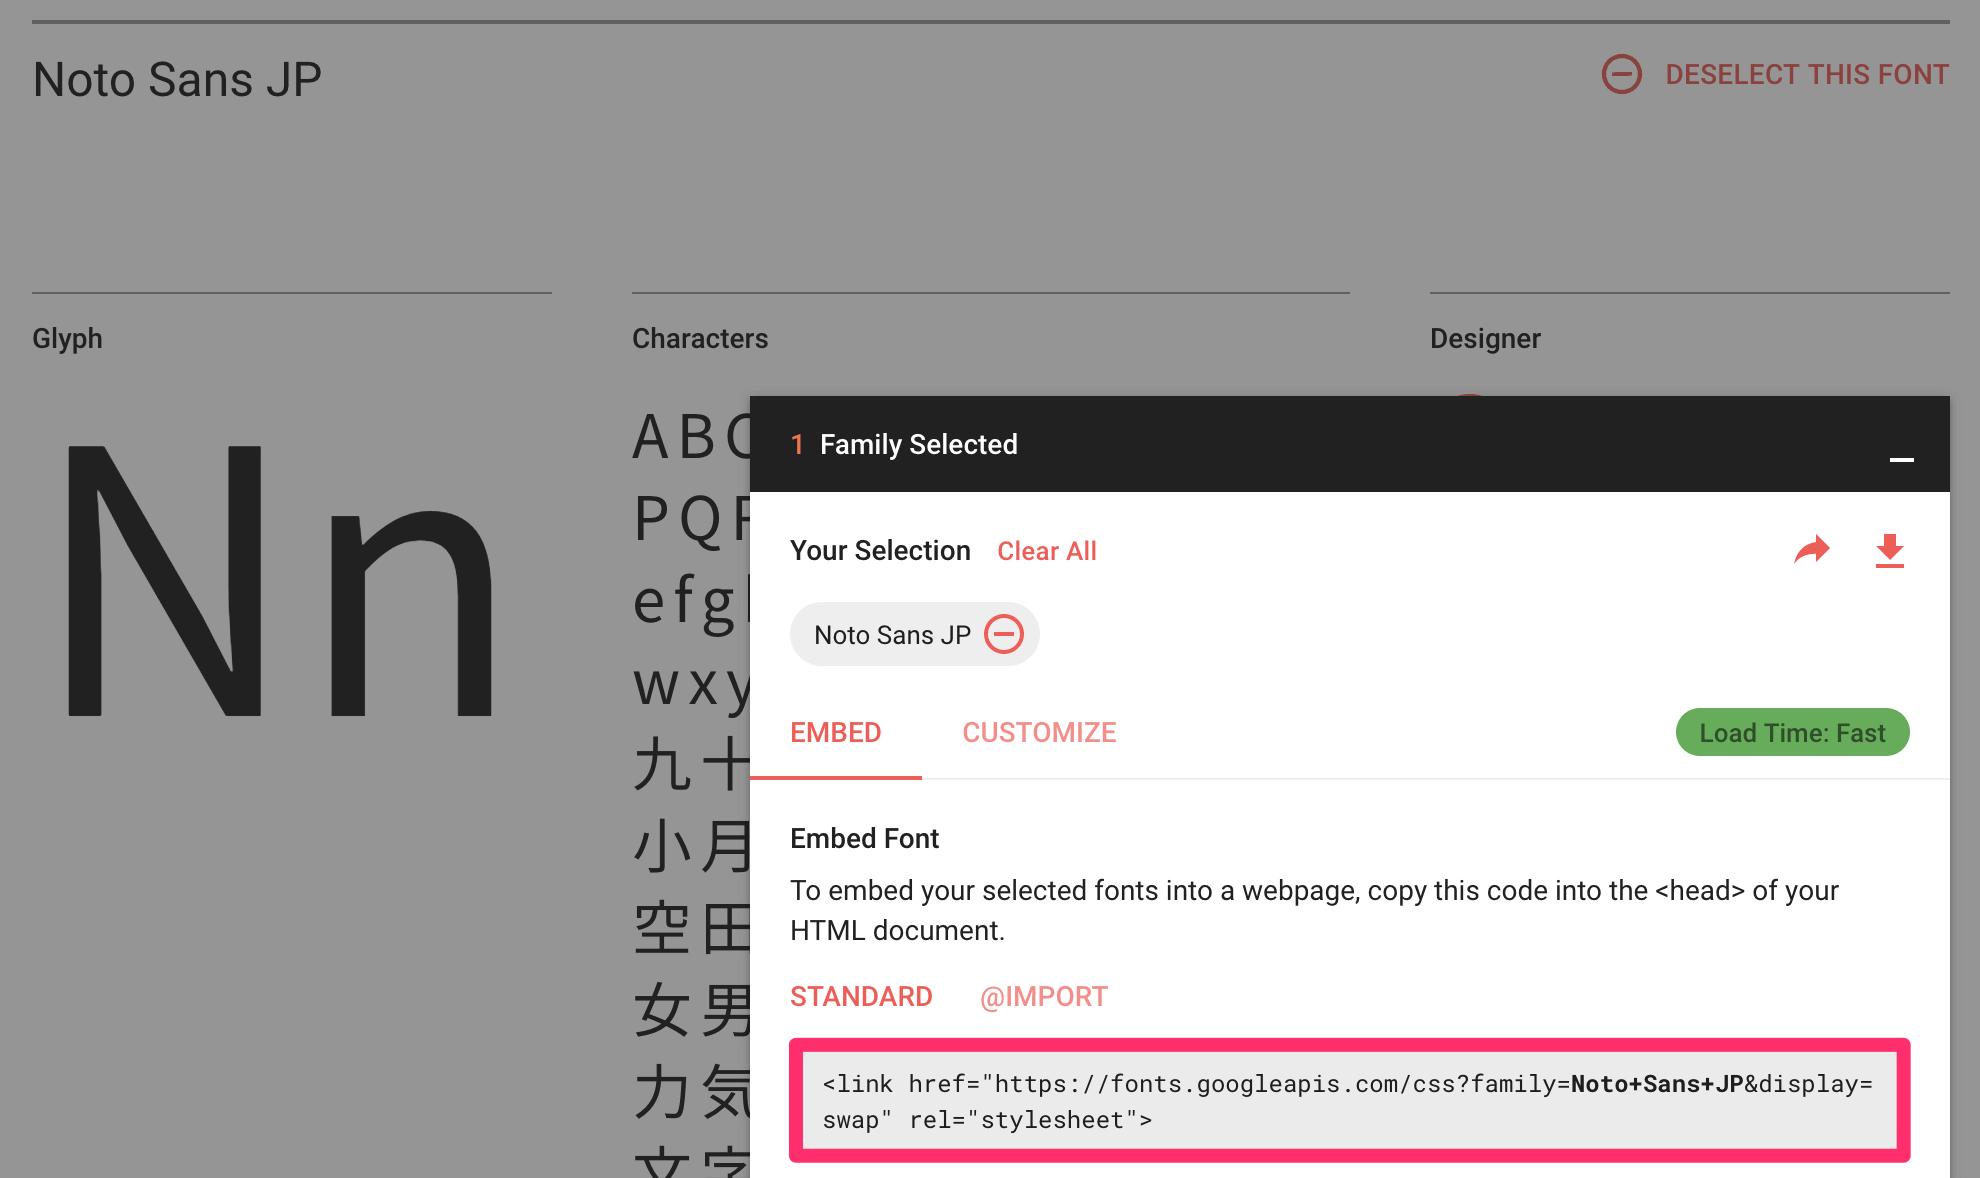 Google Fontsから提供されるlinkタグをそのまま利用する